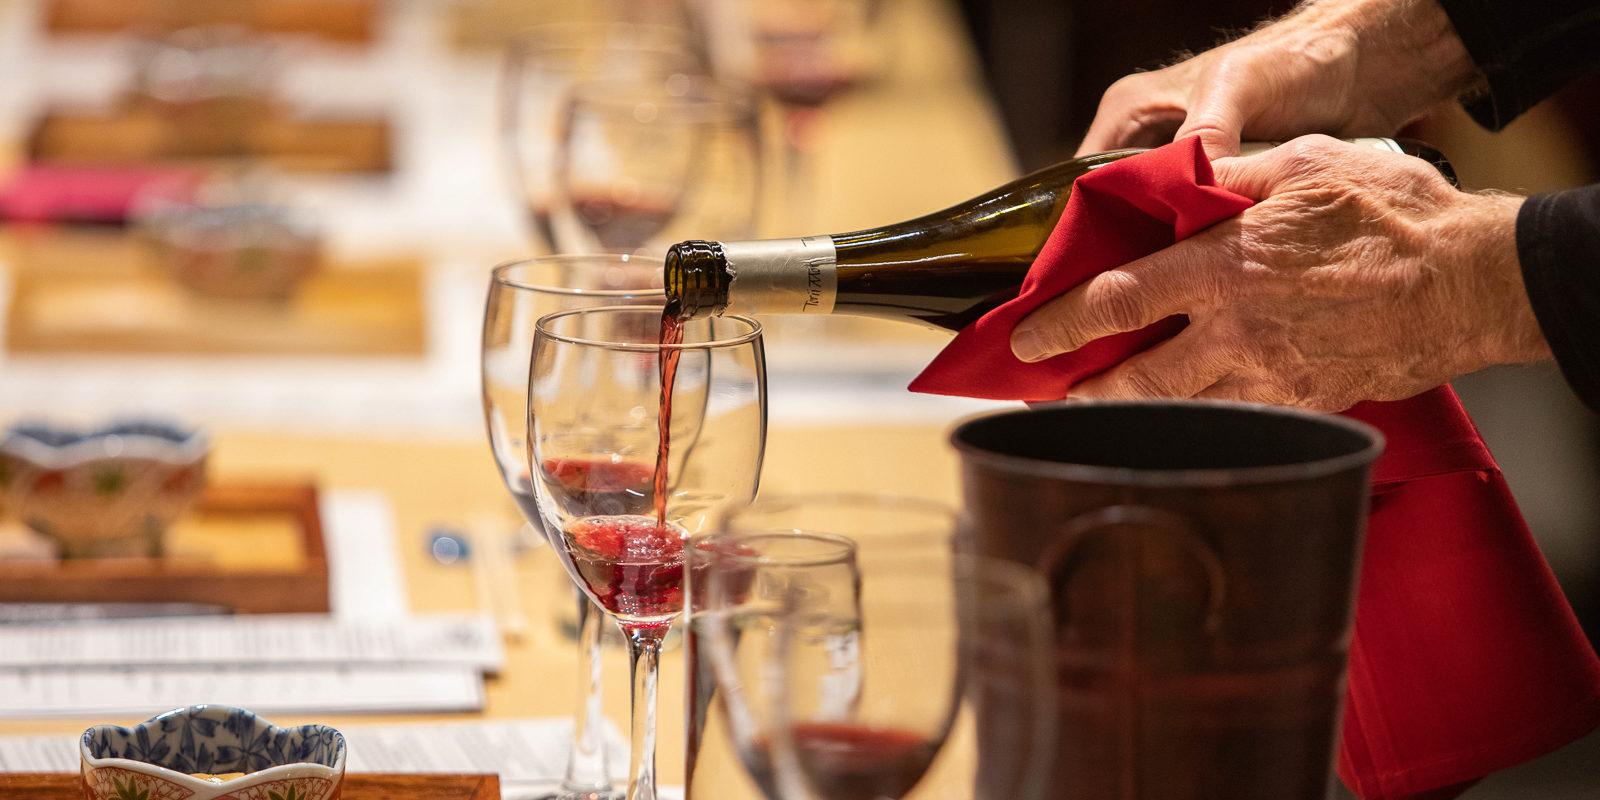 Wine Tasting - 110818 - image-040-2